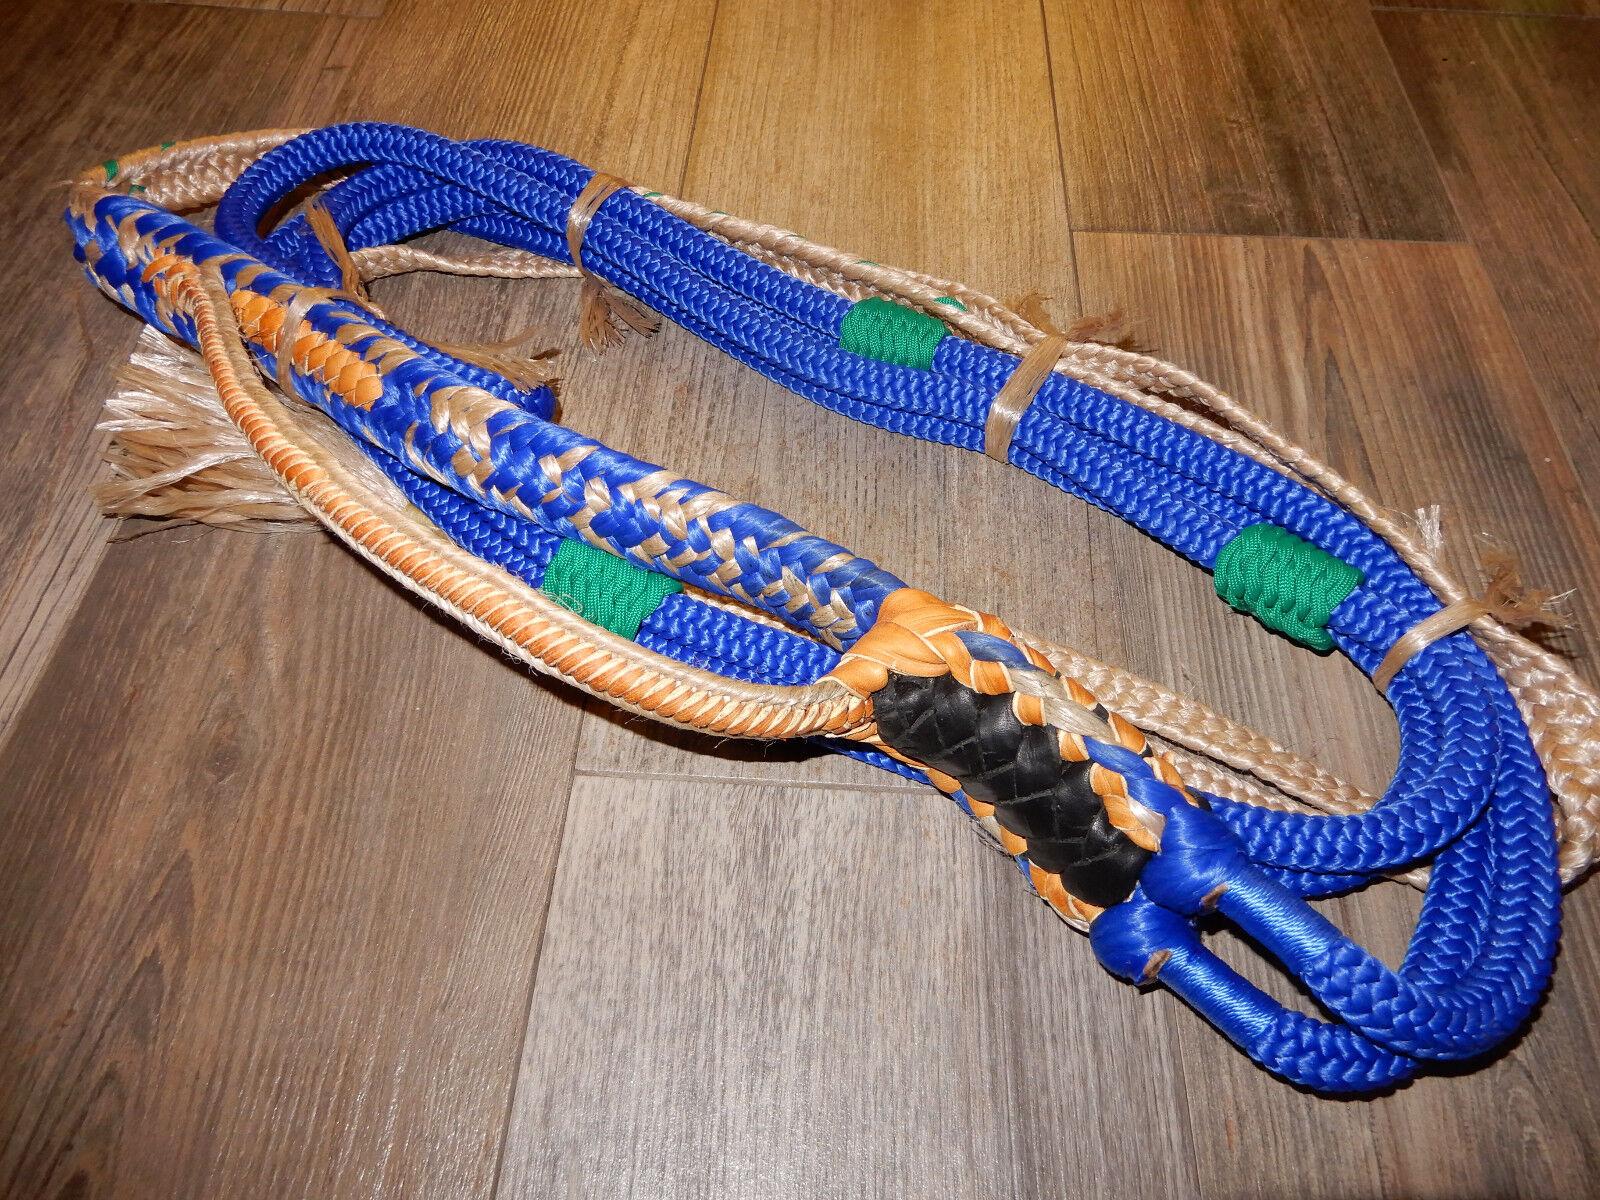 Bull Cuerda Azul Real Personalizado Pro 9 7 de mano derecha EPT Bull Cuerdas montar a caballo Rodeo Rider